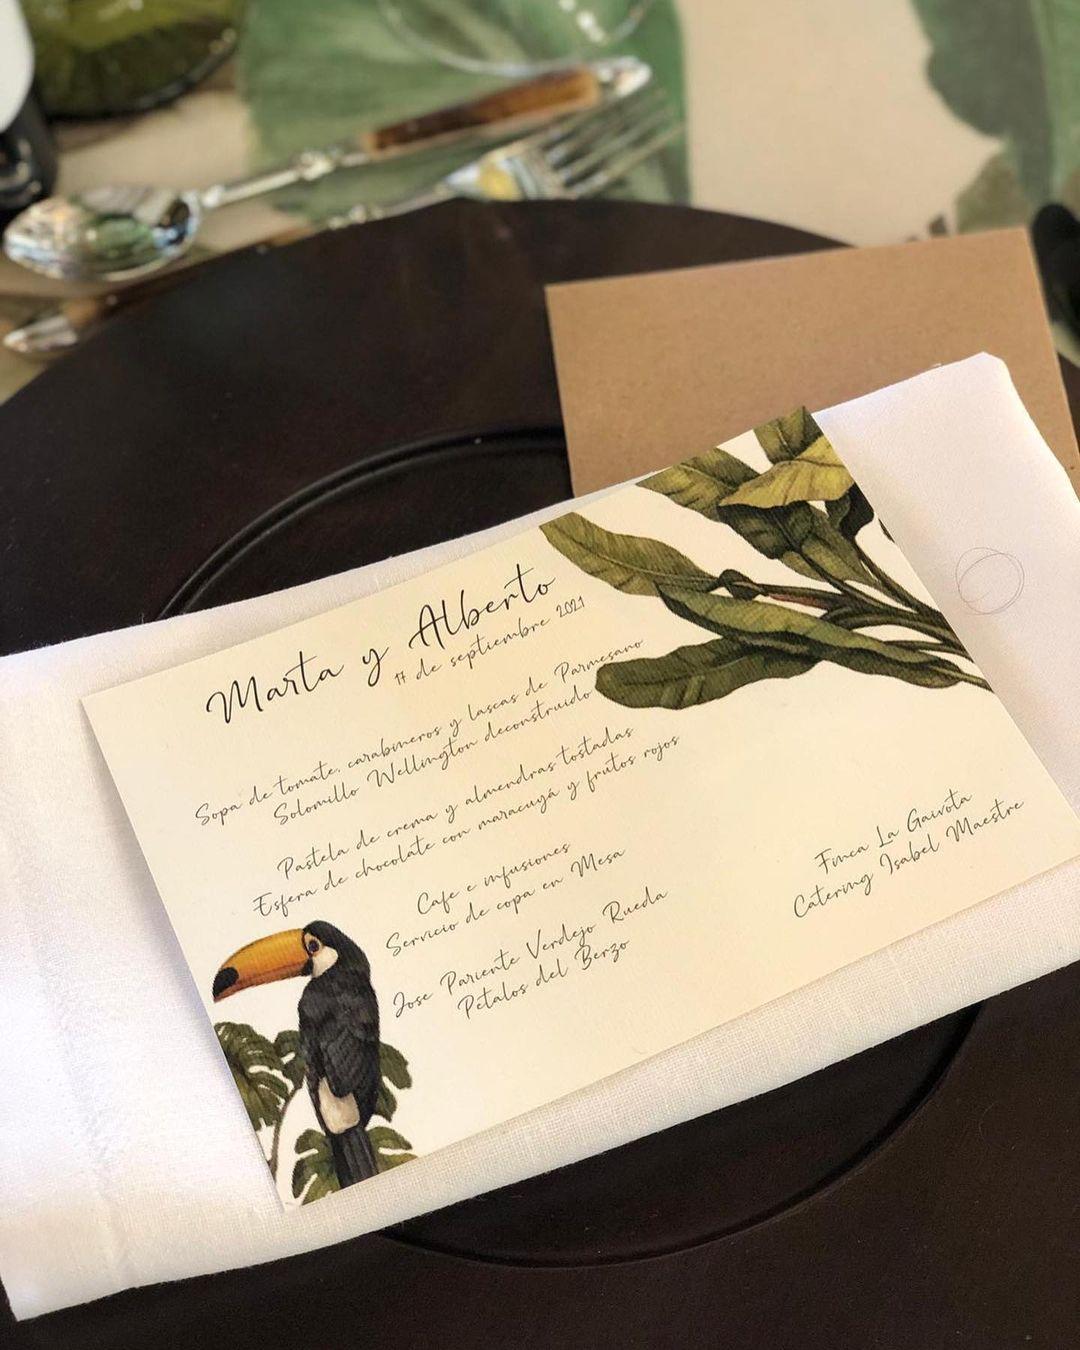 Un vino del Bierzo para celebrar la boda de la hija de Matías Prats 2